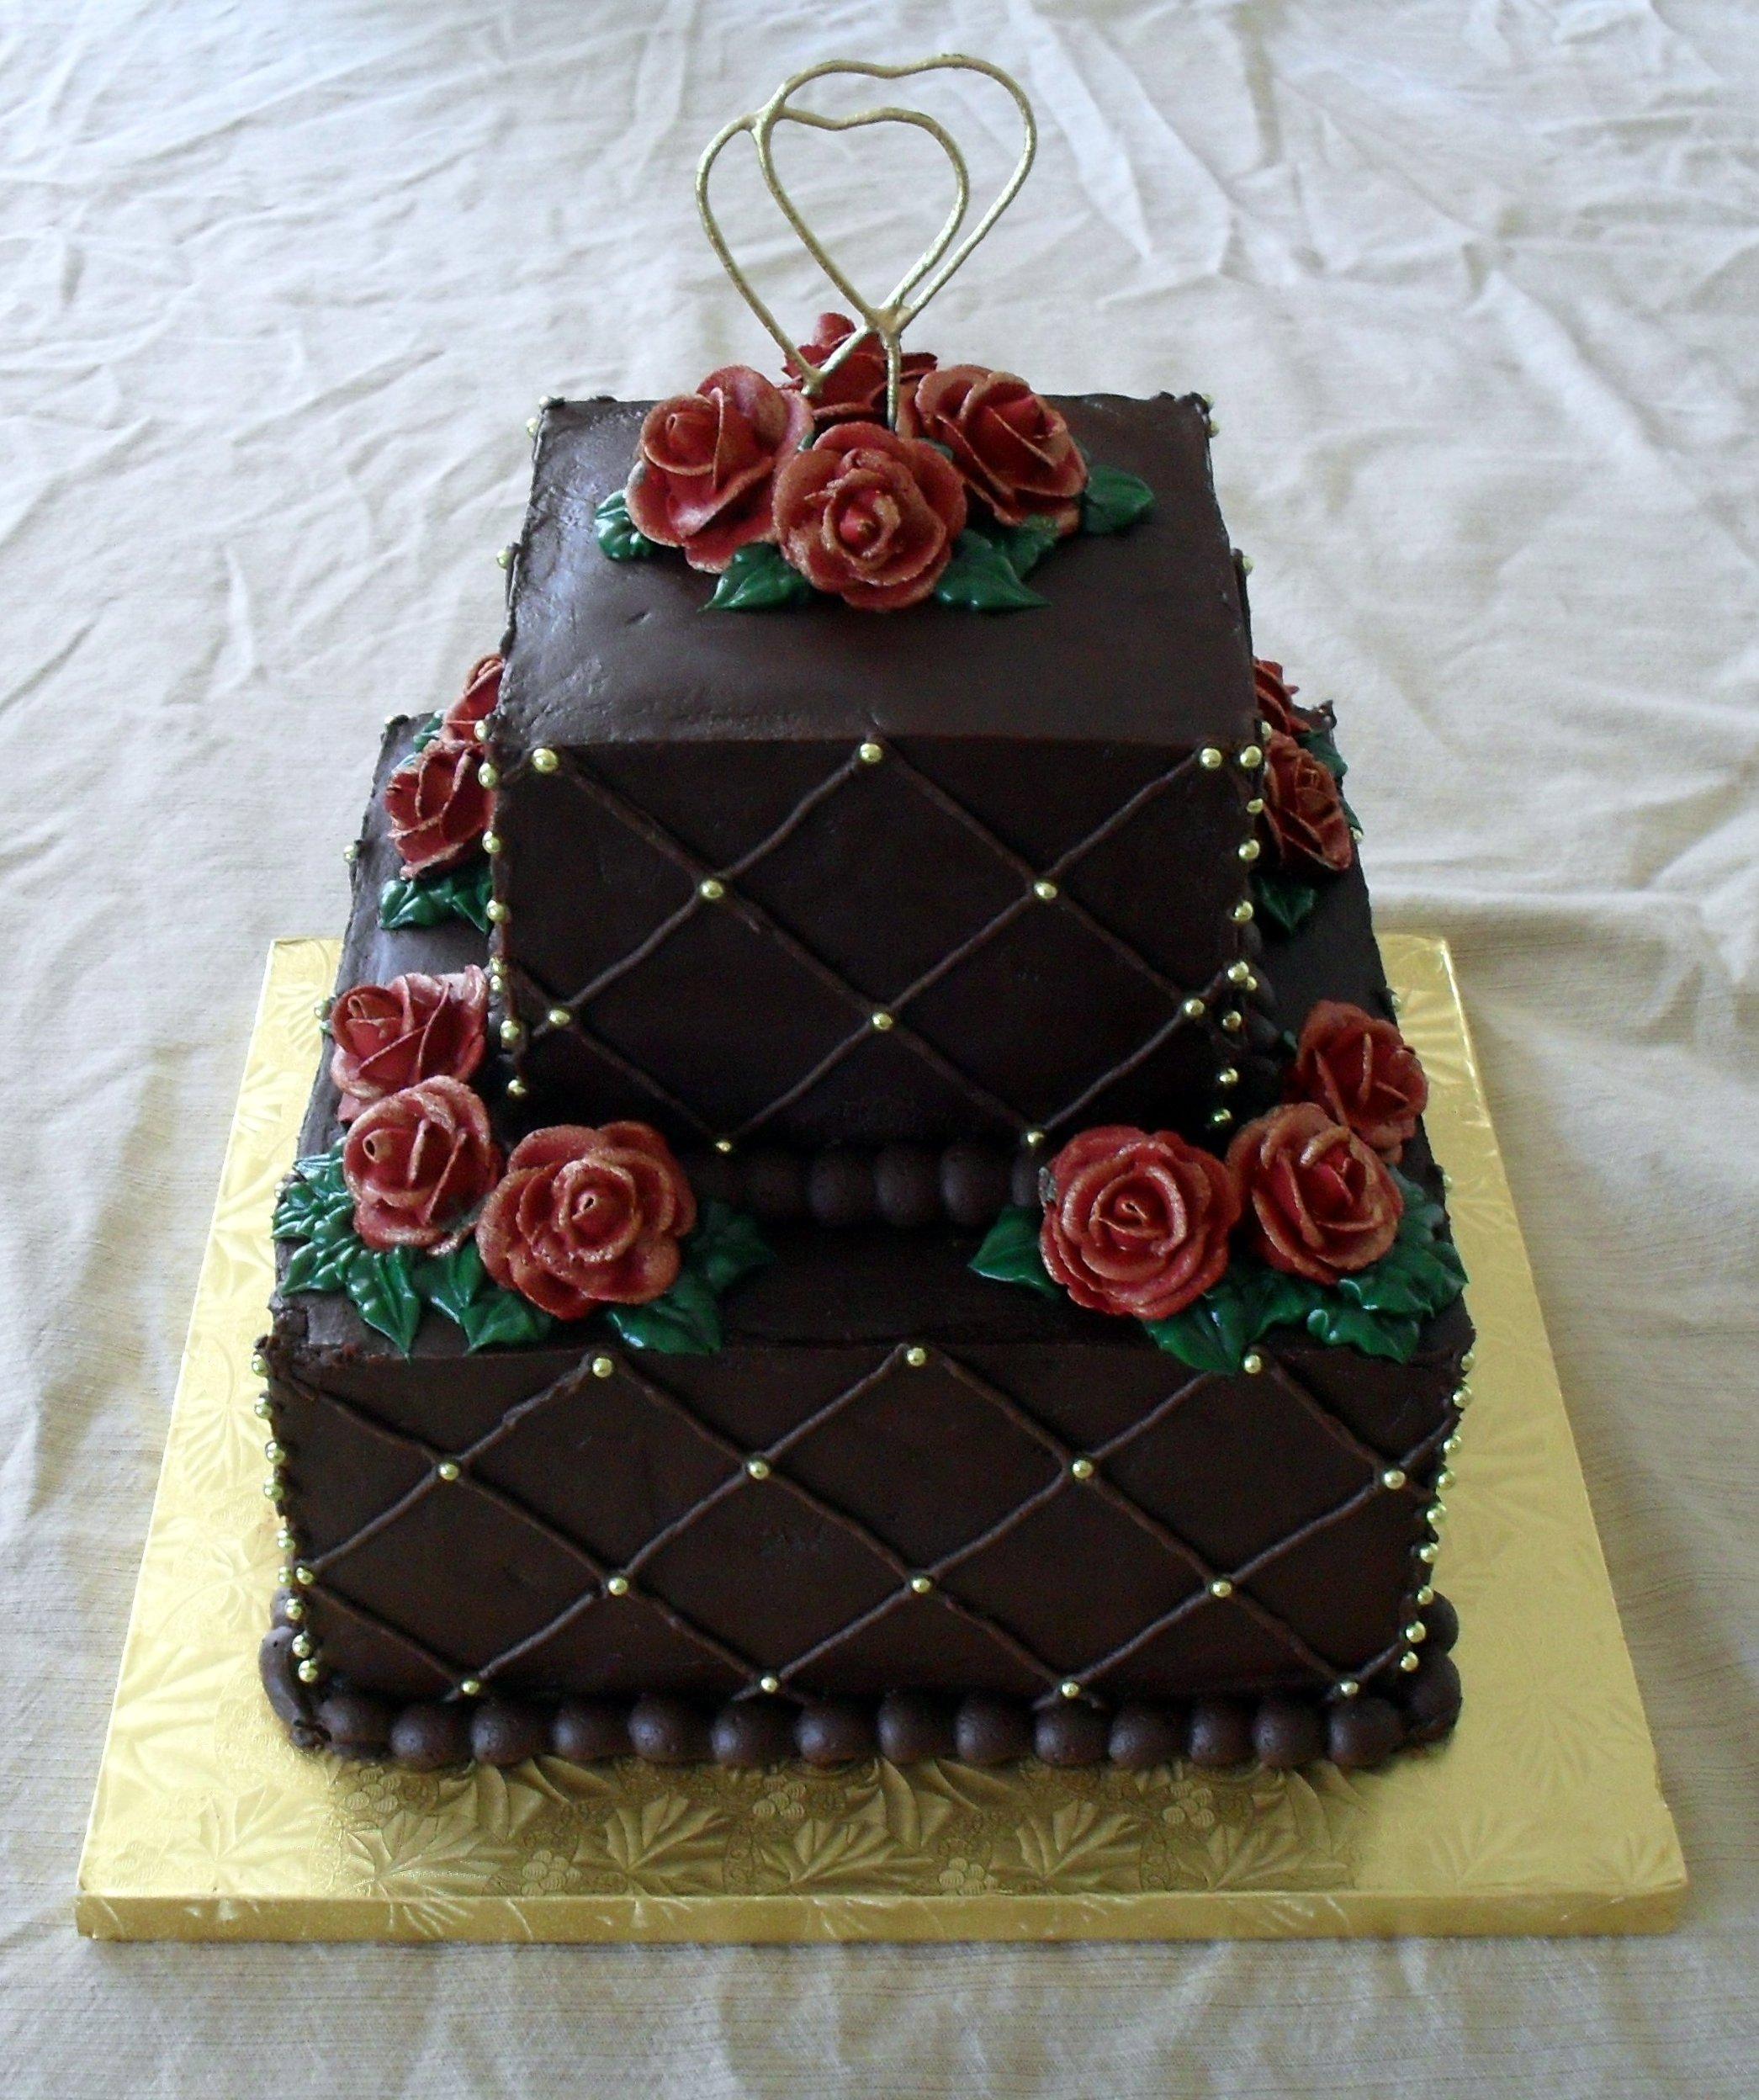 Wright S 5th Anniversary Cake 4 29 11 Veronica S Cornucopia